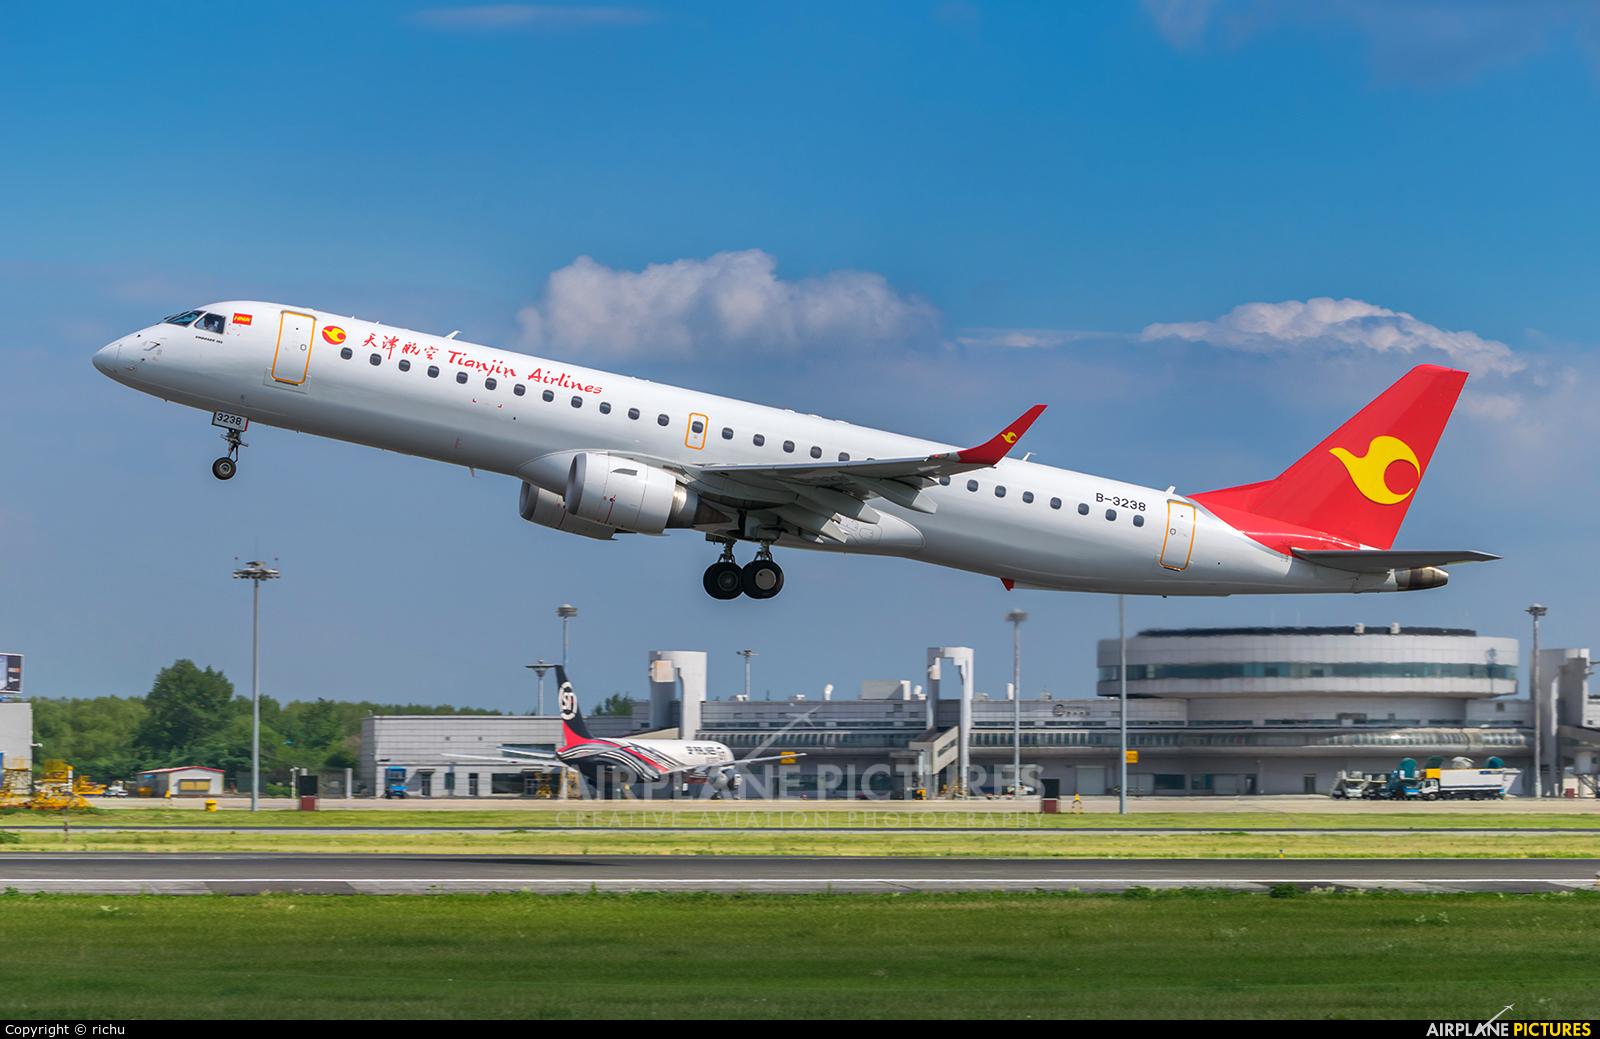 Tianjin Airlines B-3238 aircraft at Shenyang-Taoxian